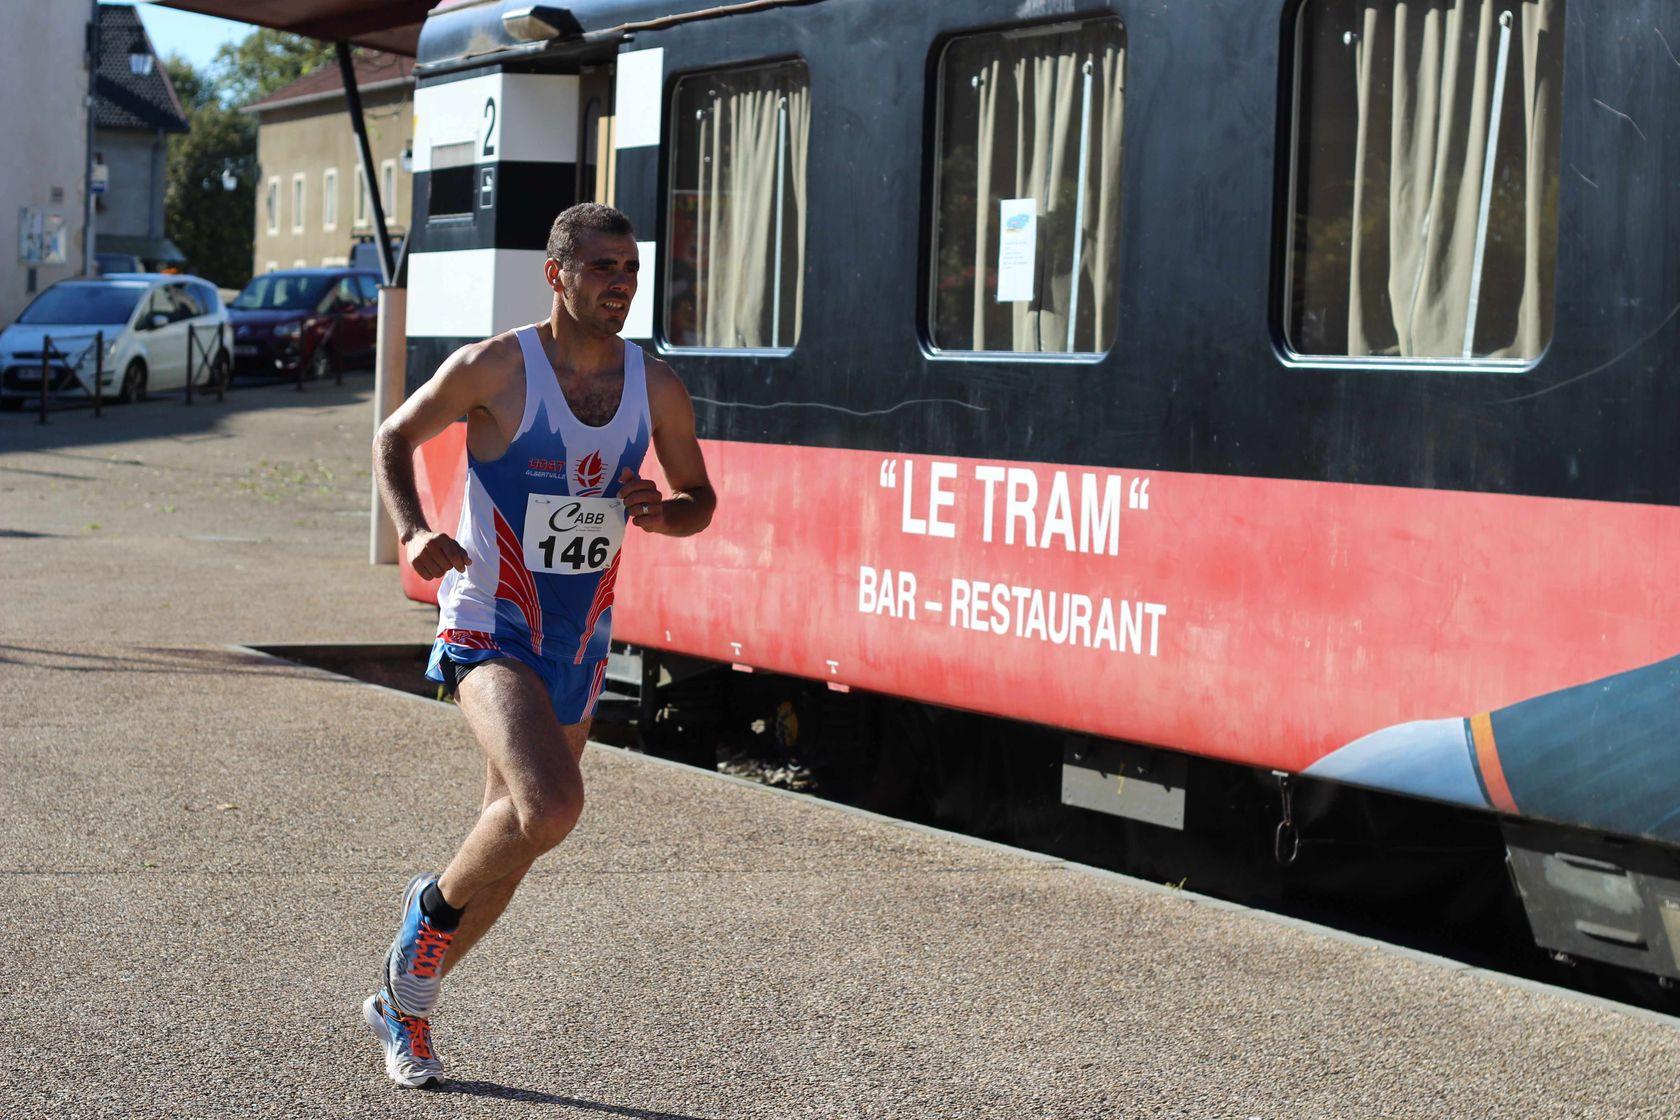 4 eme Tram - RESULTATS, COMPTES RENDUS ET PHOTOS DE LA VOIE DU TRAM A BELLEGARDE / 04-10-15